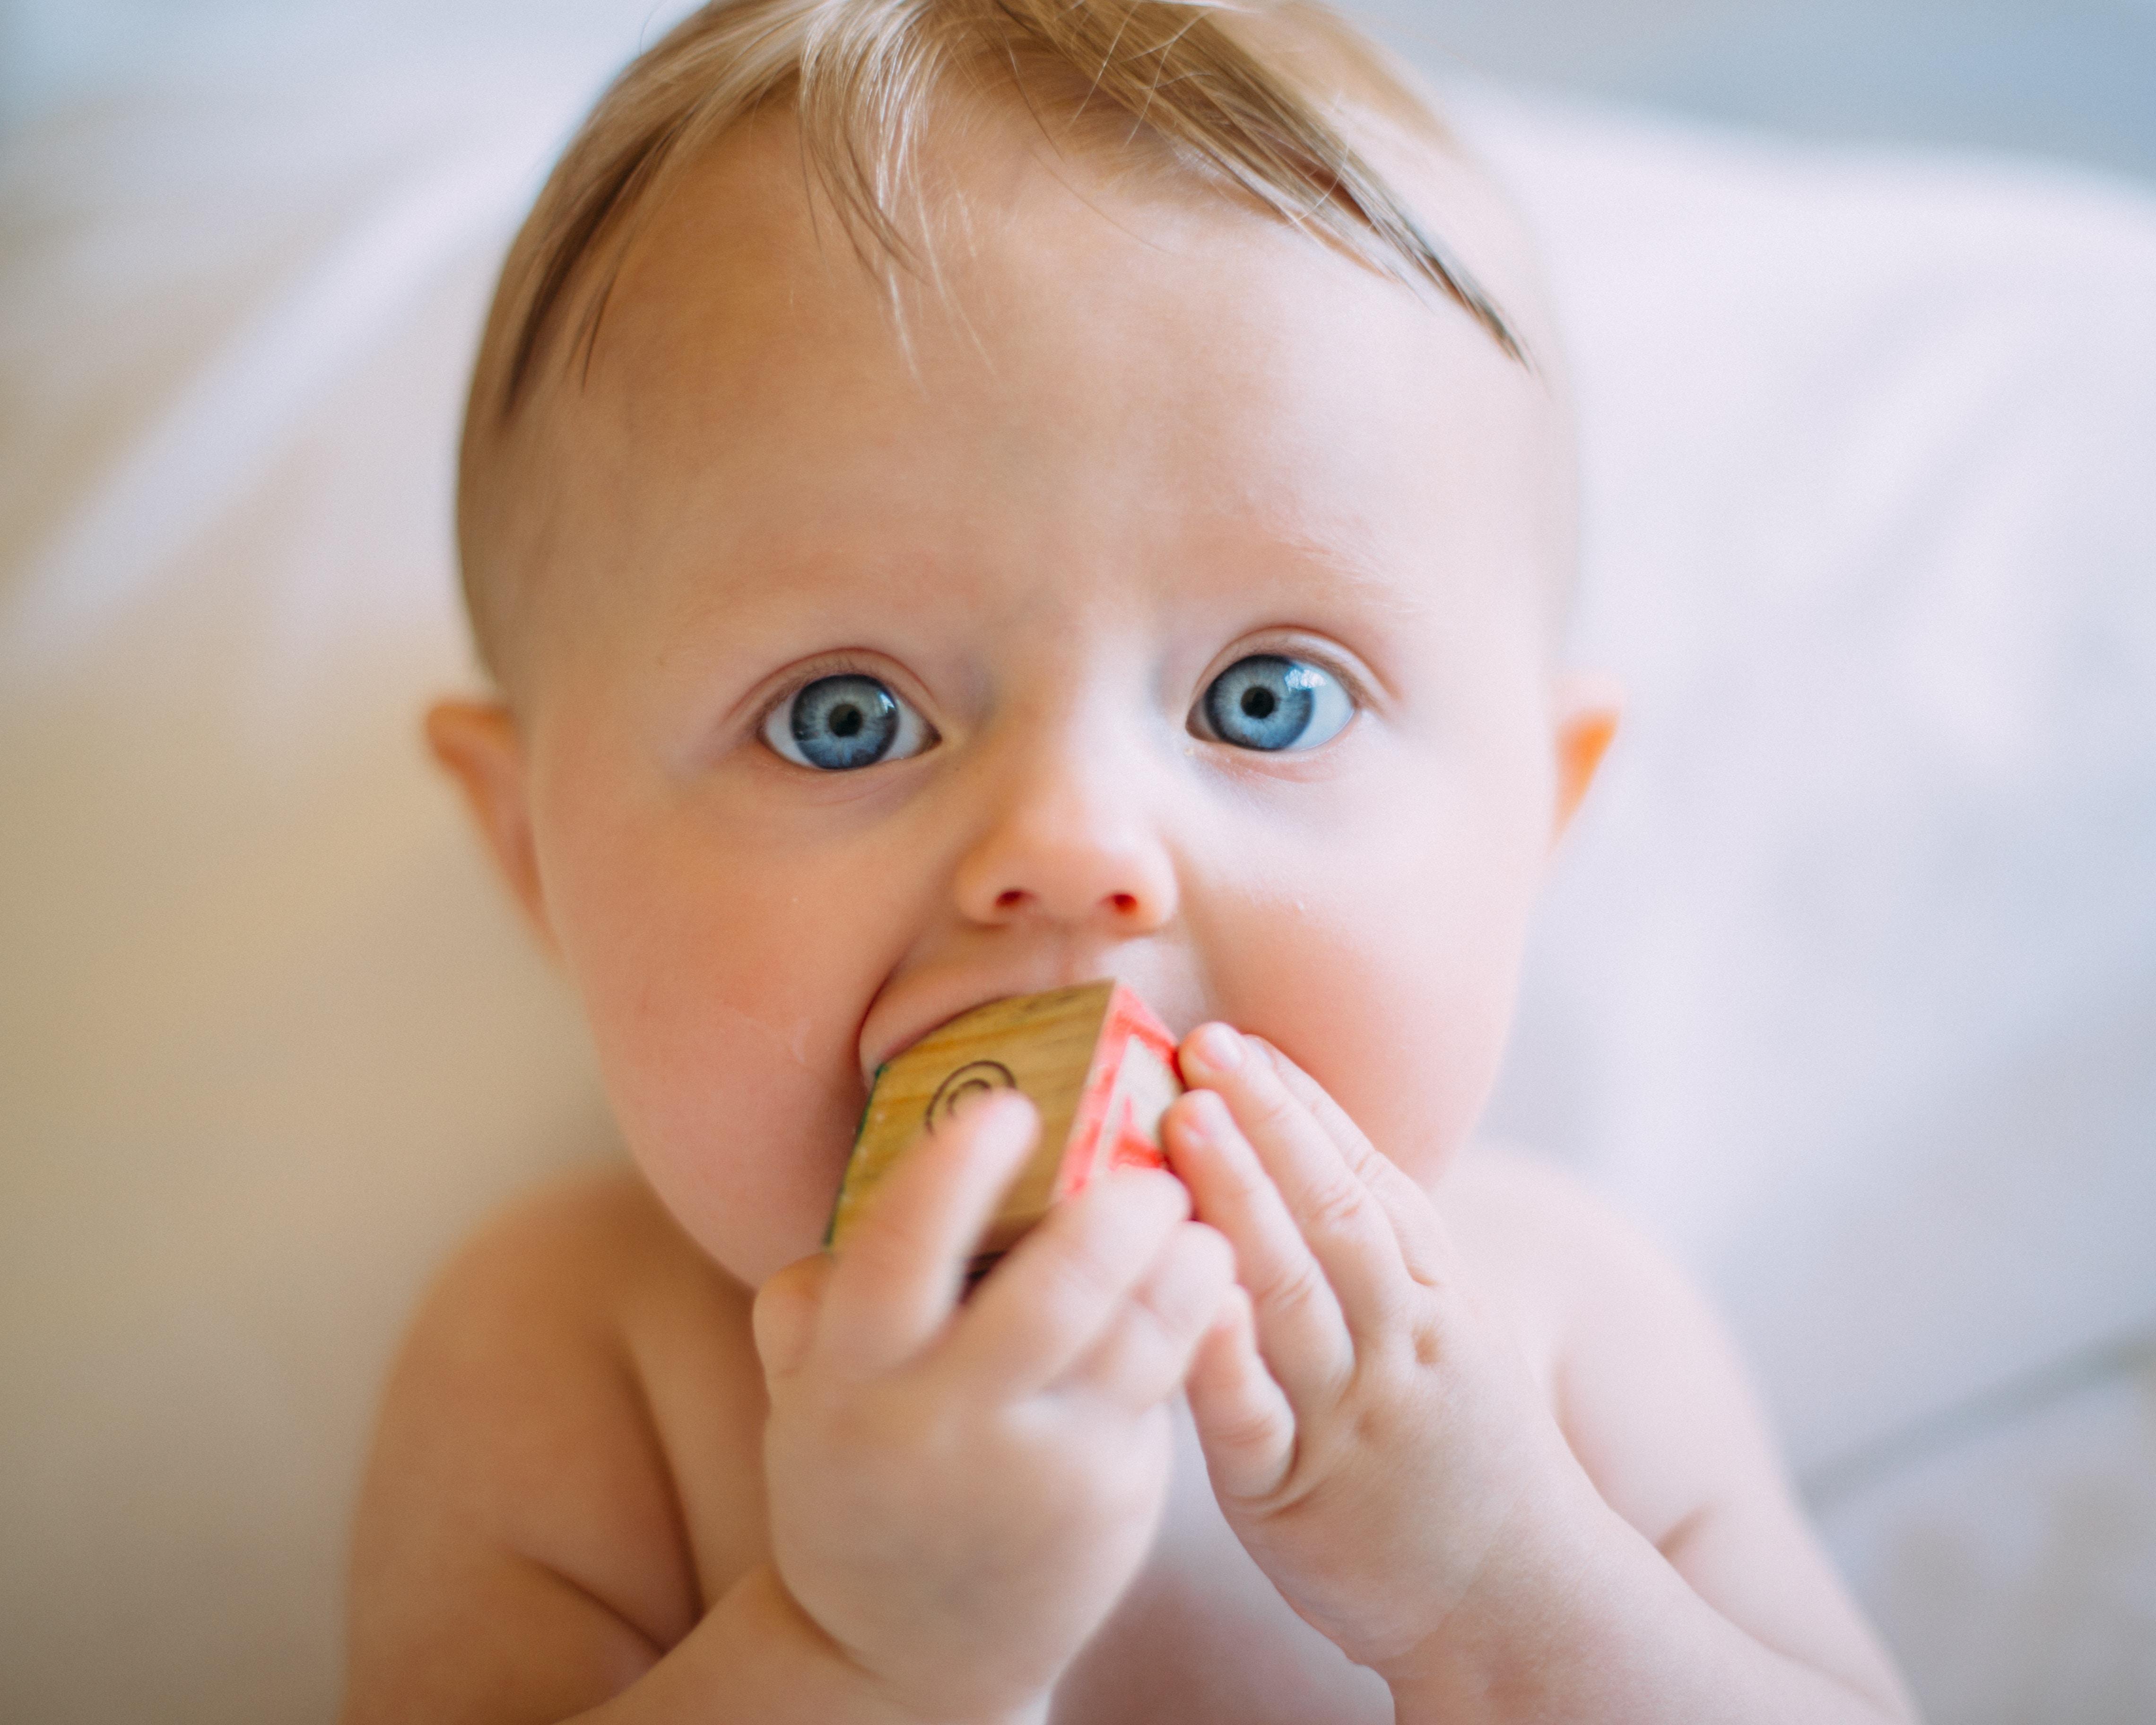 Comment protéger bébé des ondes éléctromagnétiques?